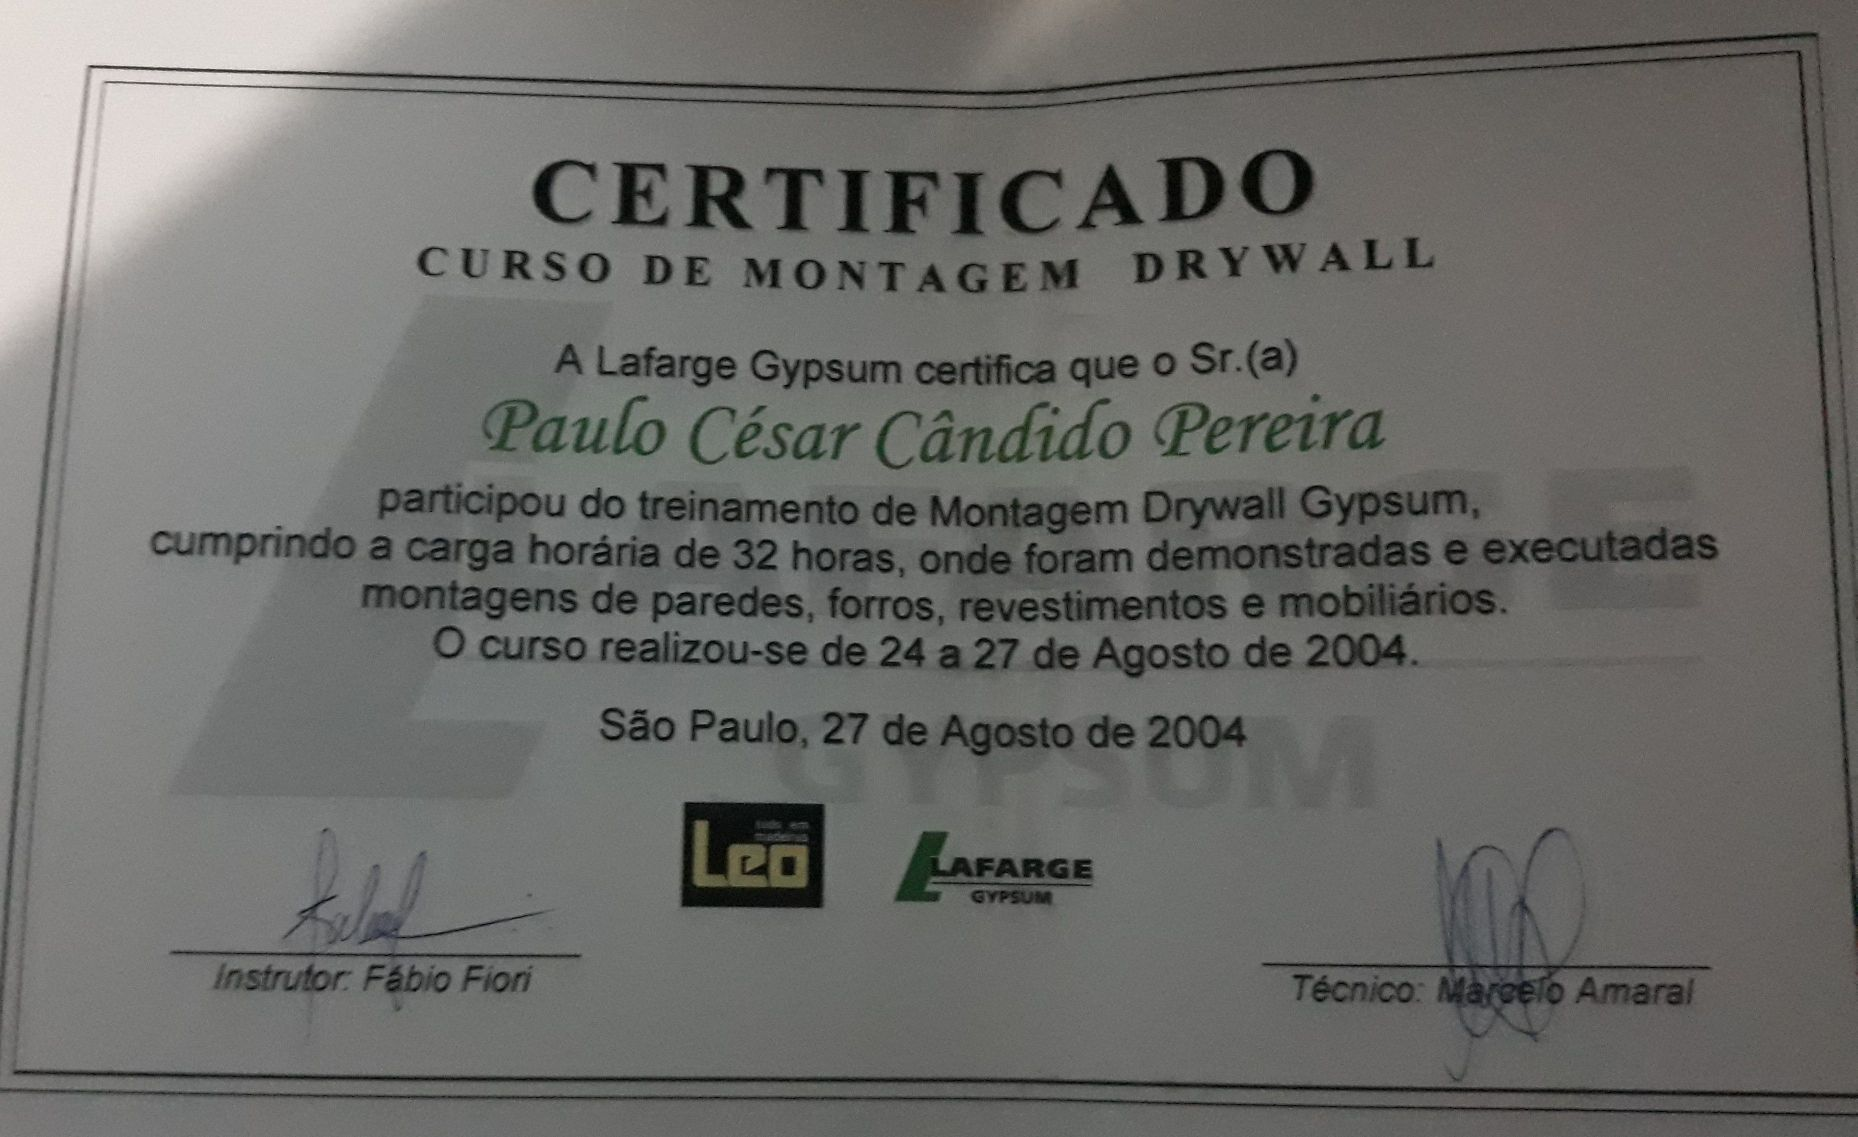 certificado de Drywall